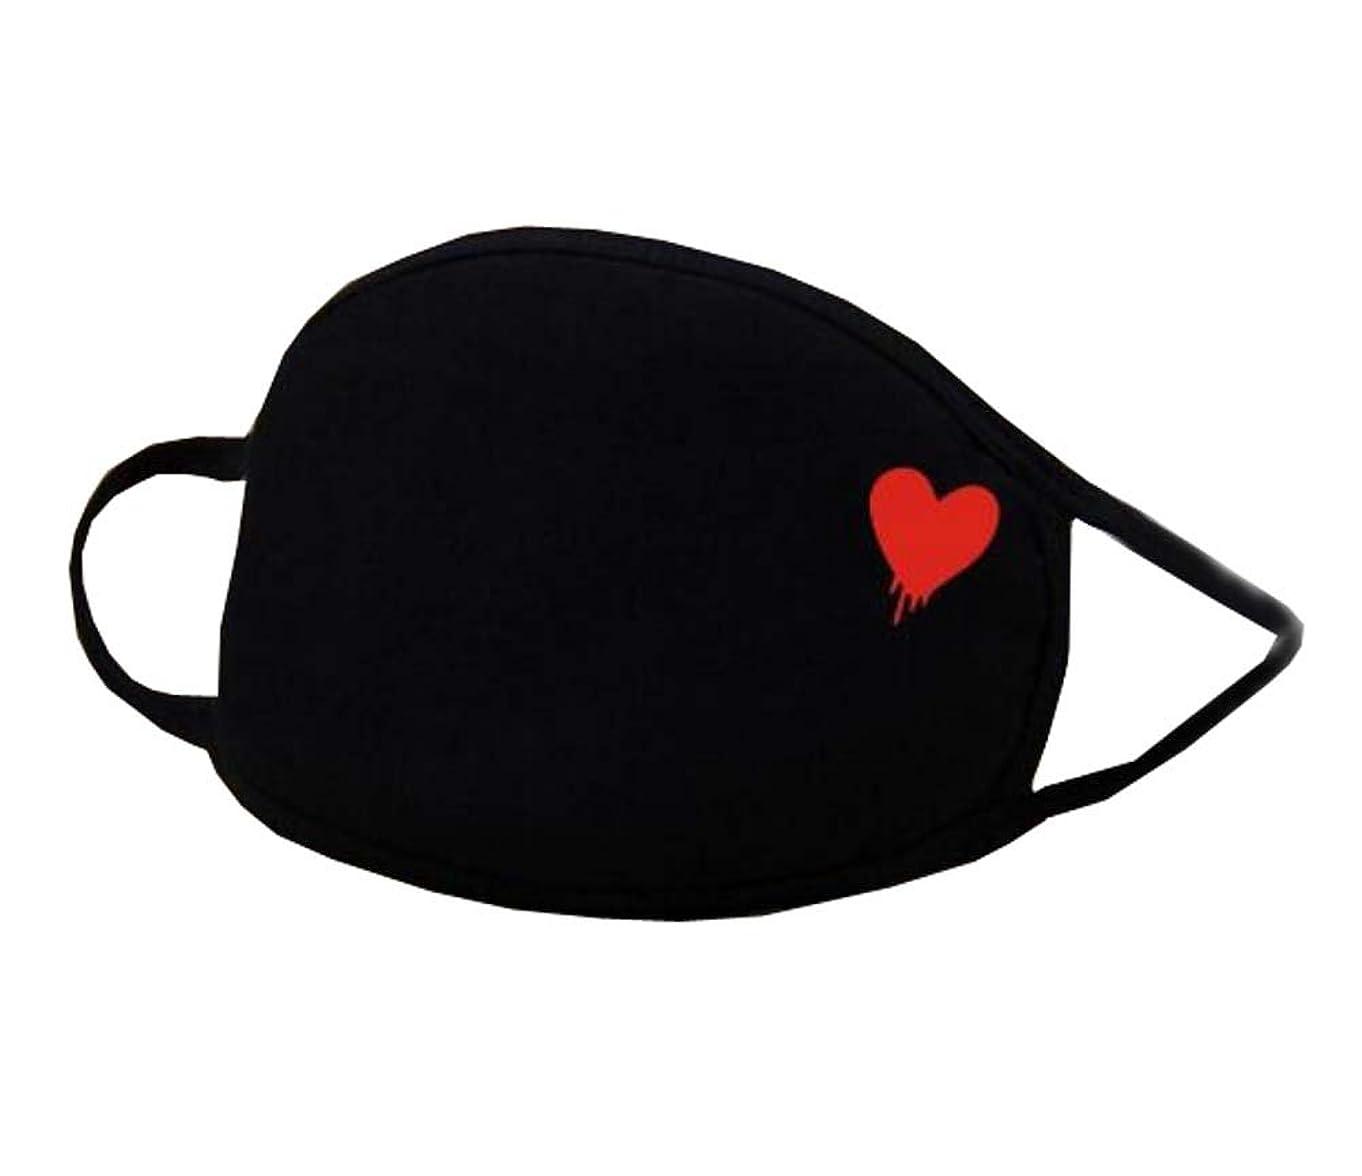 良さ精通したプレミアム口腔マスク、ユニセックスマスク男性用/女性用アンチダストコットンフェイスマスク(2個)、A6